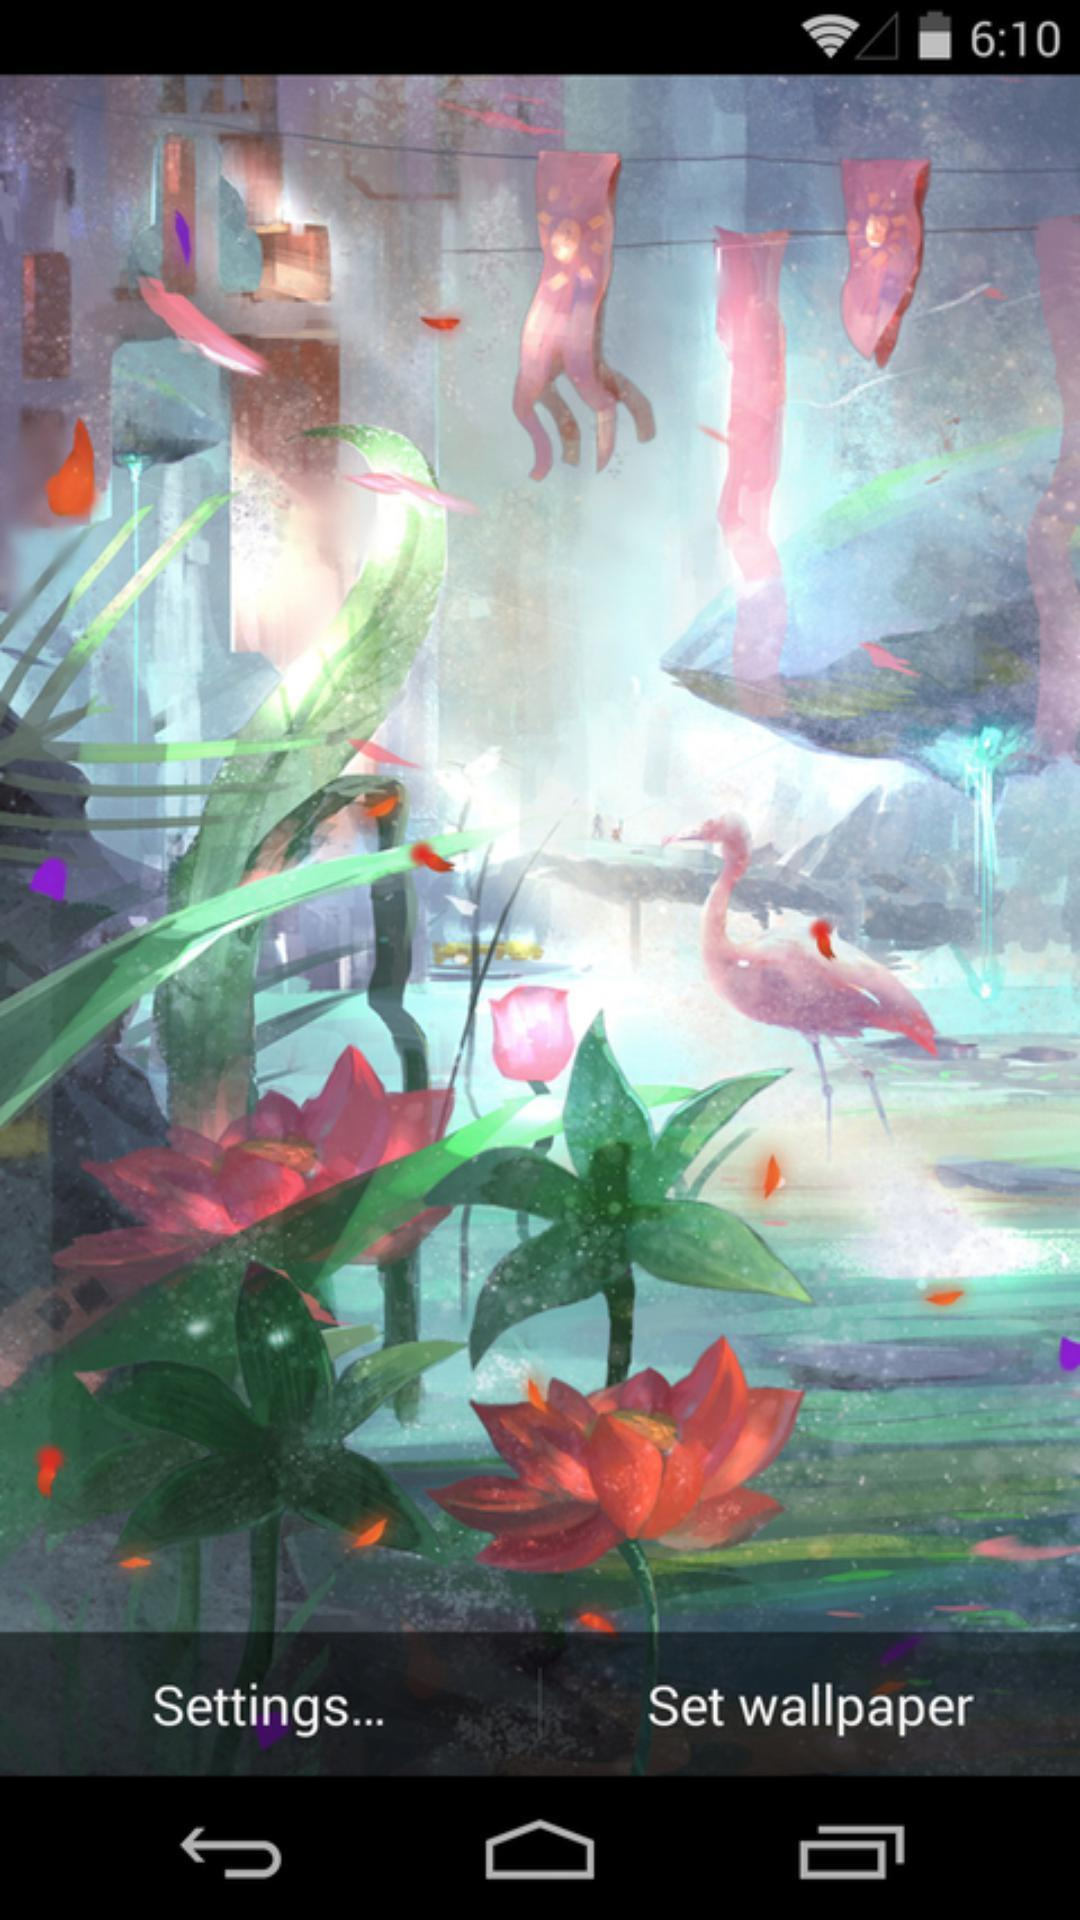 蝶湖-梦象动态壁纸